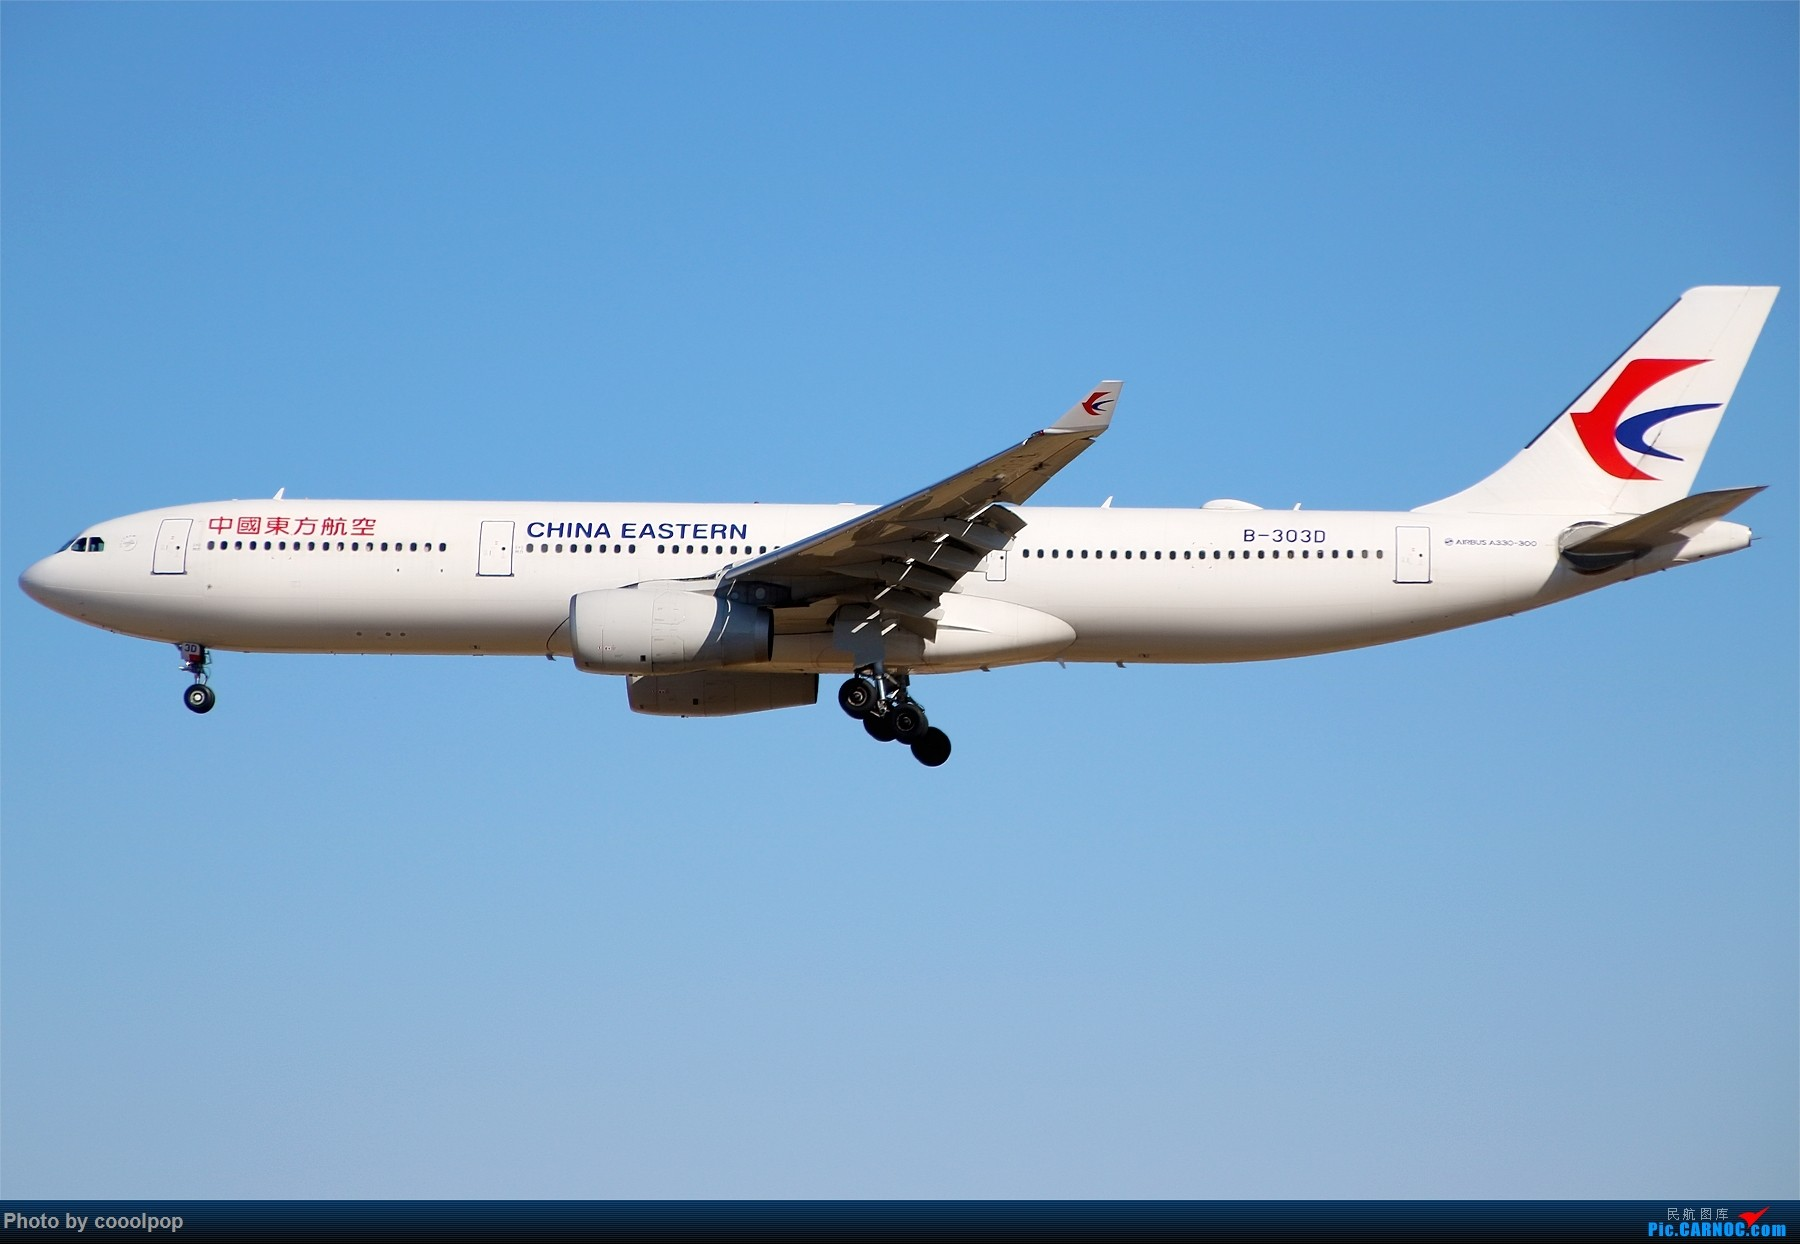 Re:[原创]PEK T3 桥上的一些大鸟!牌彩绘是要拼人品哒! AIRBUS A330-300 B-303D 中国北京首都国际机场